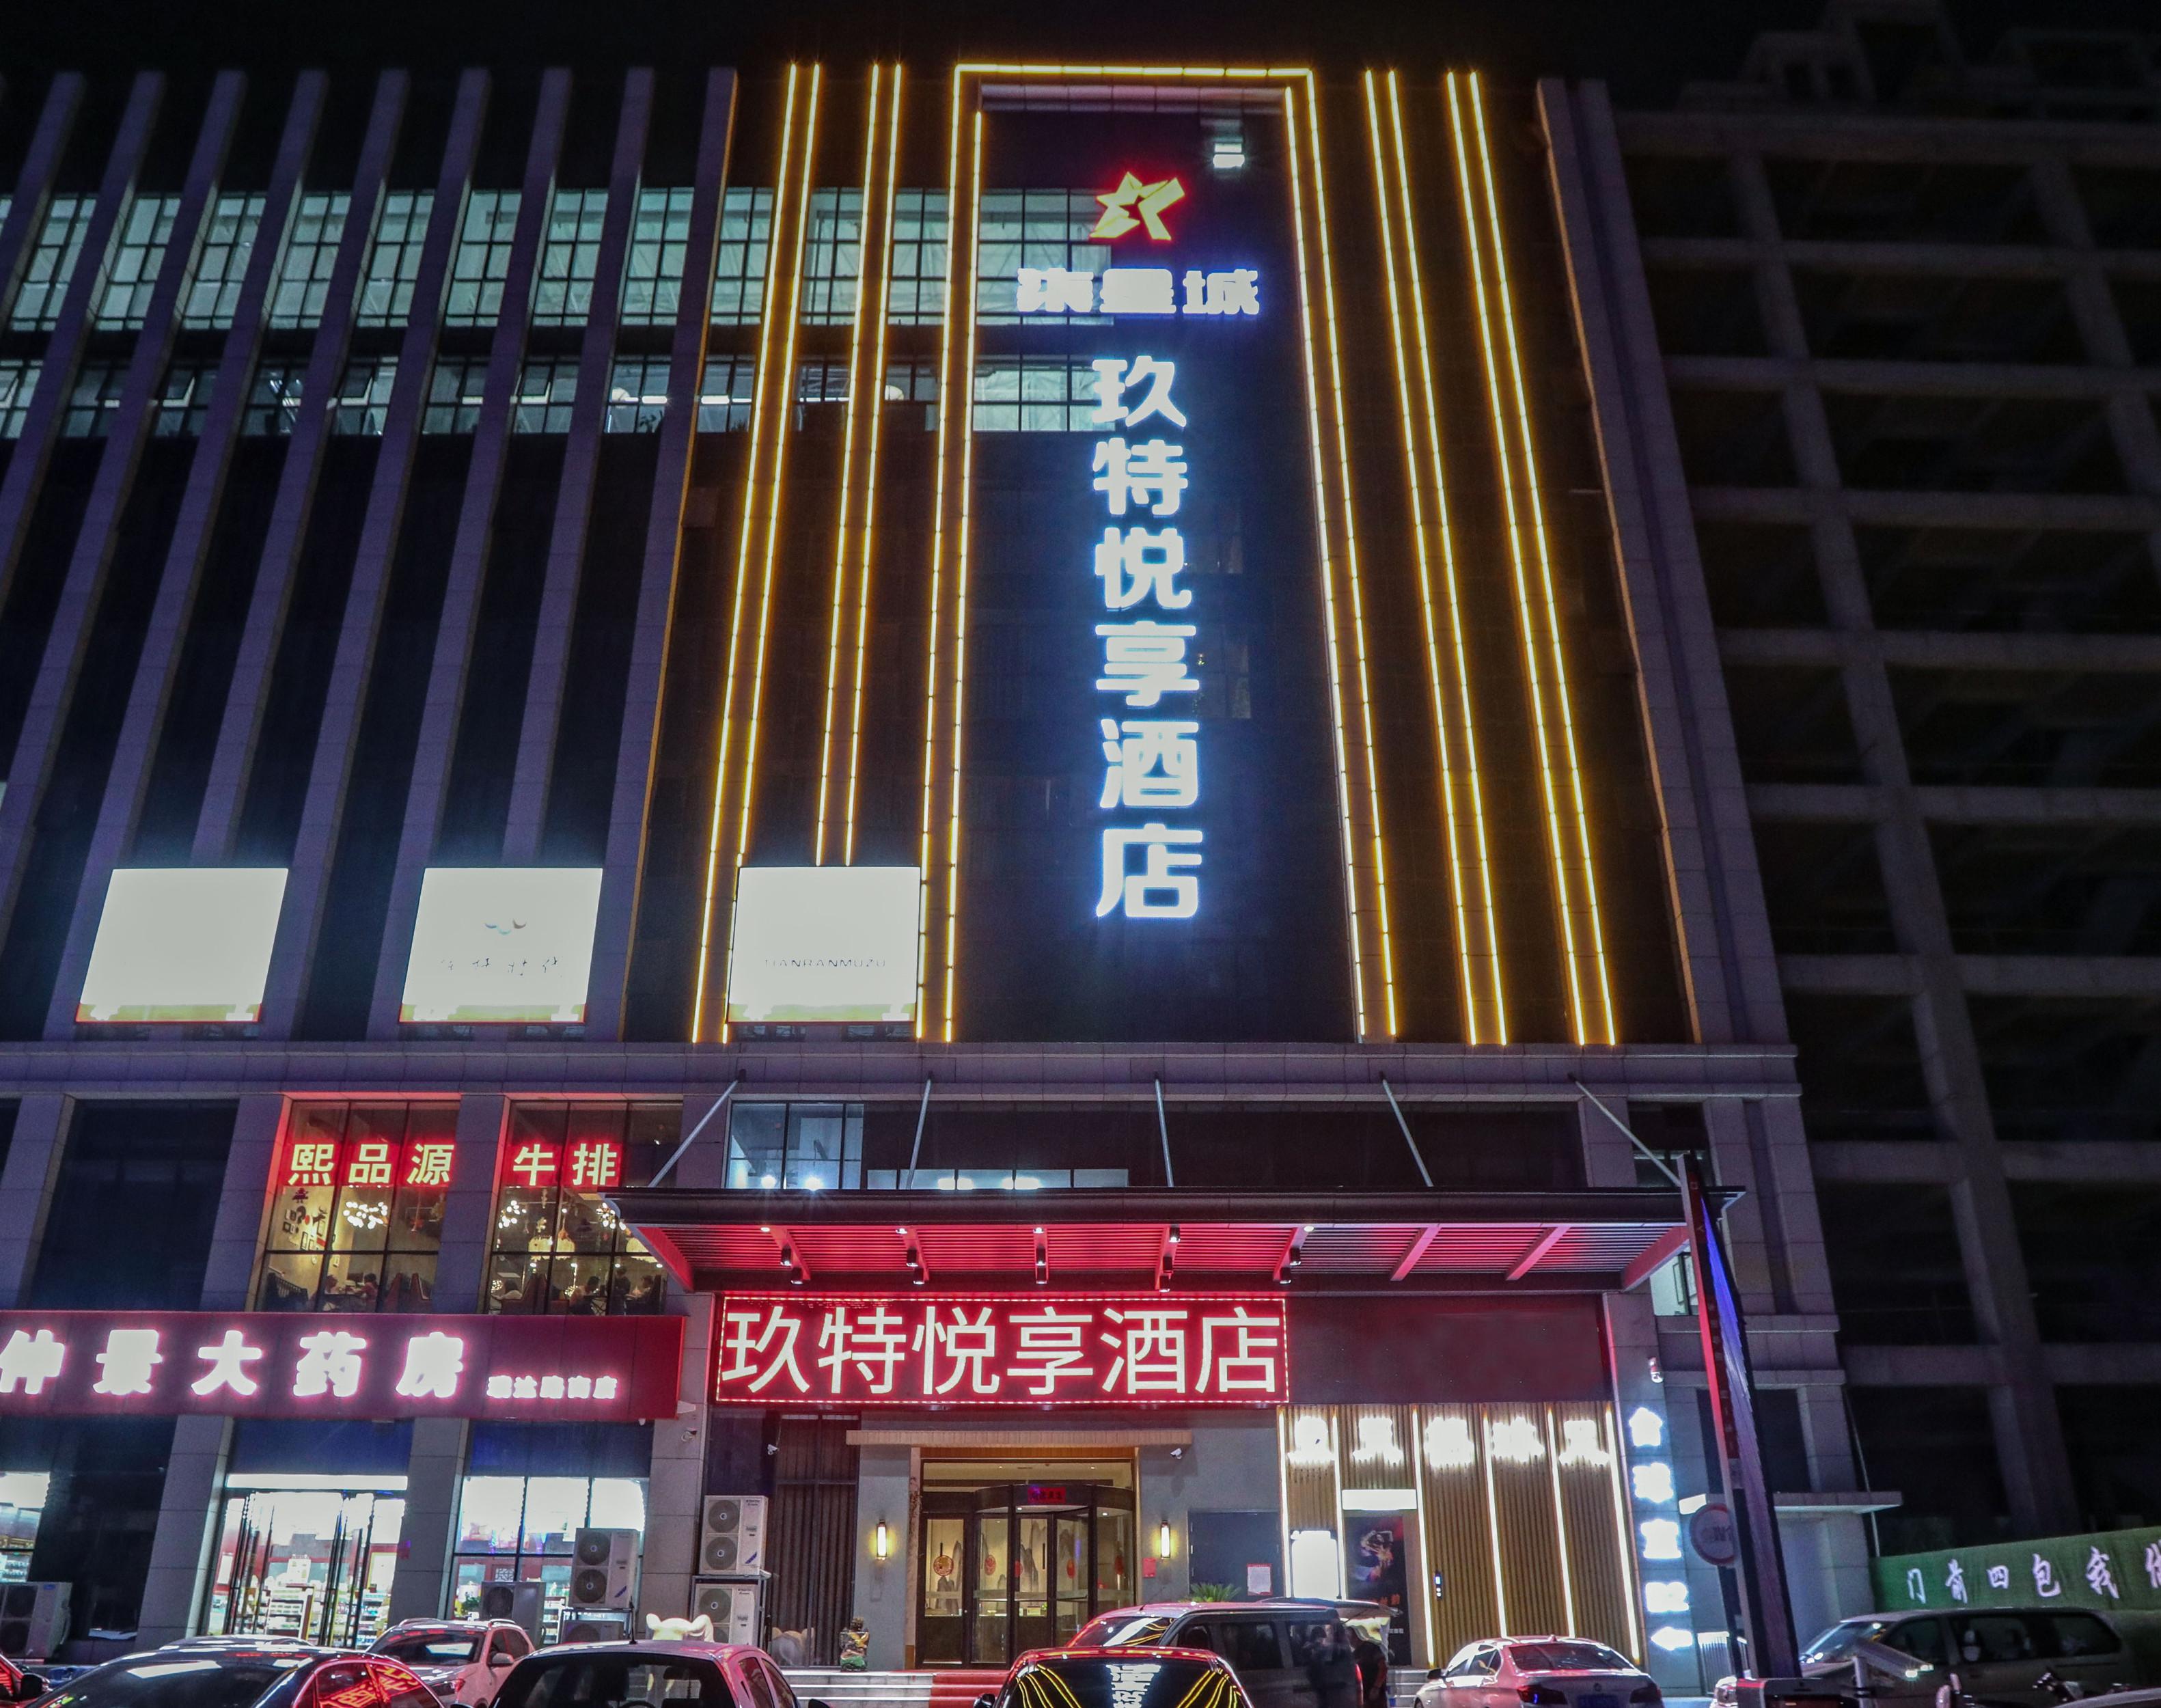 2019郑州玖特悦享酒店在哪里?郑州玖特悦享酒店地址